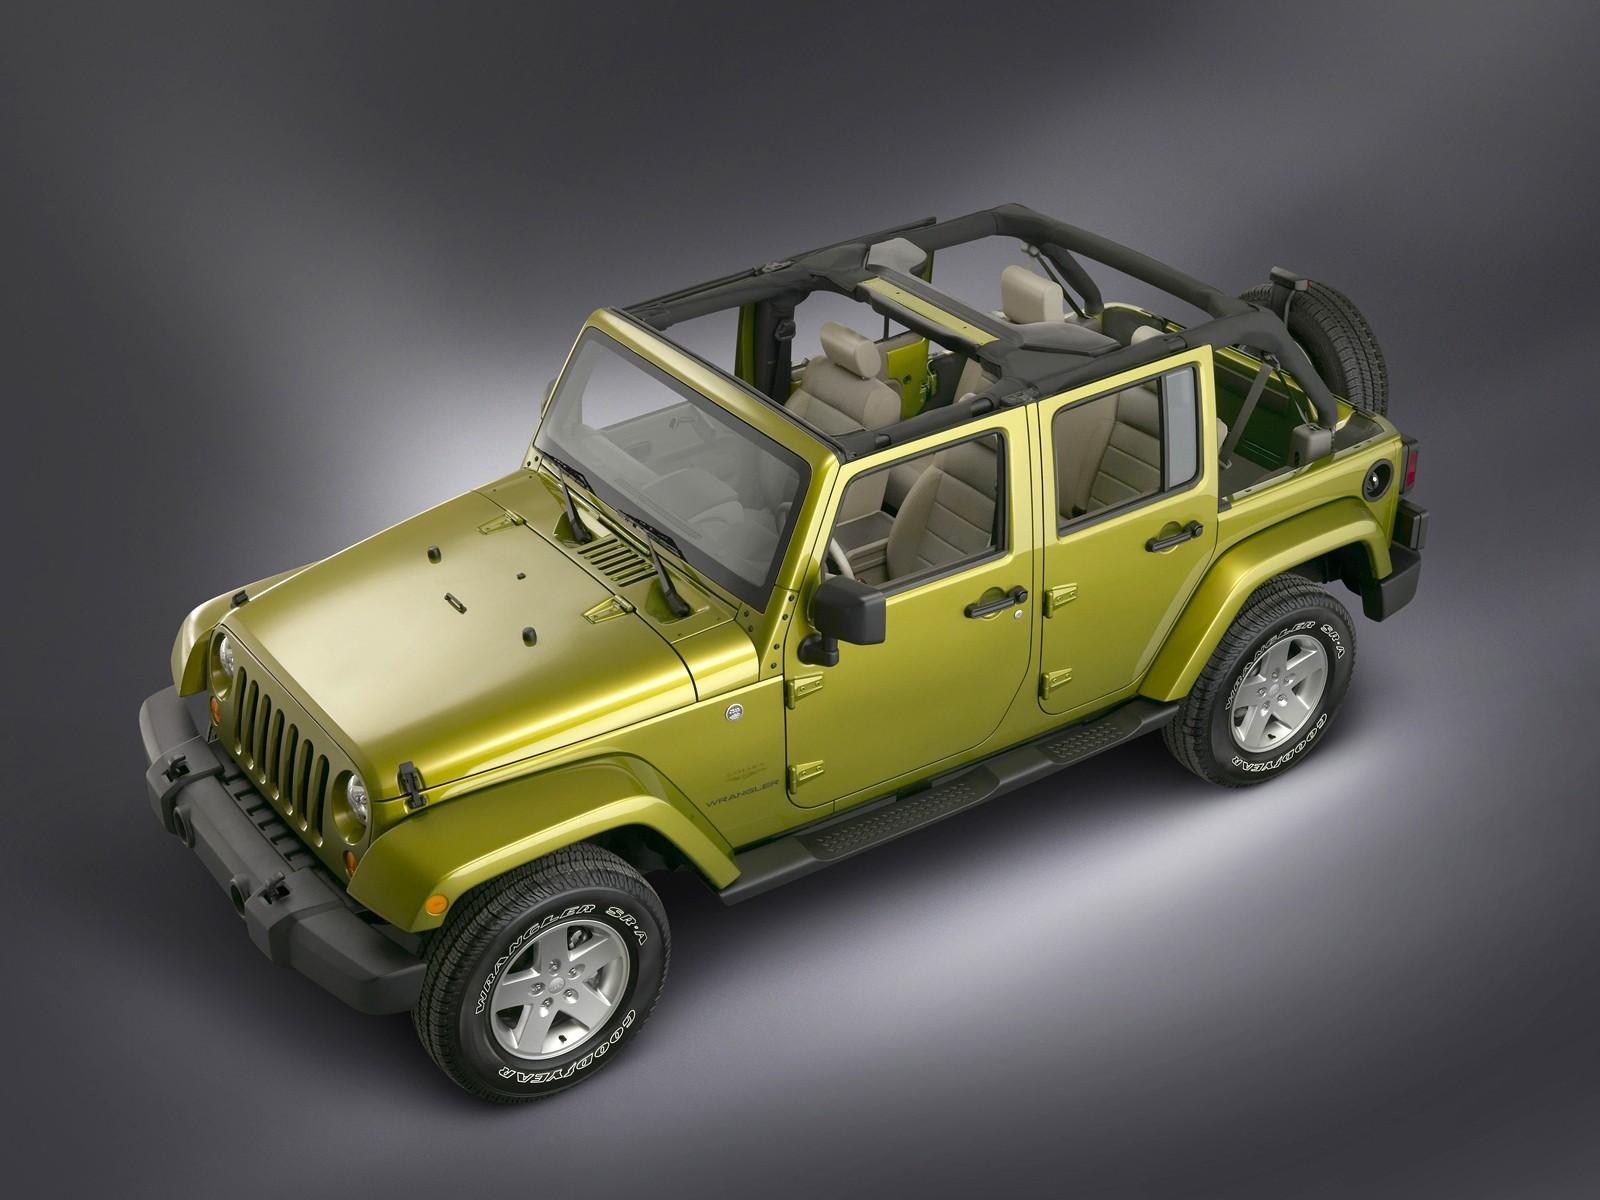 jeep越野车 分辨率1600x1200 电脑桌面精美墙纸 21高清图片